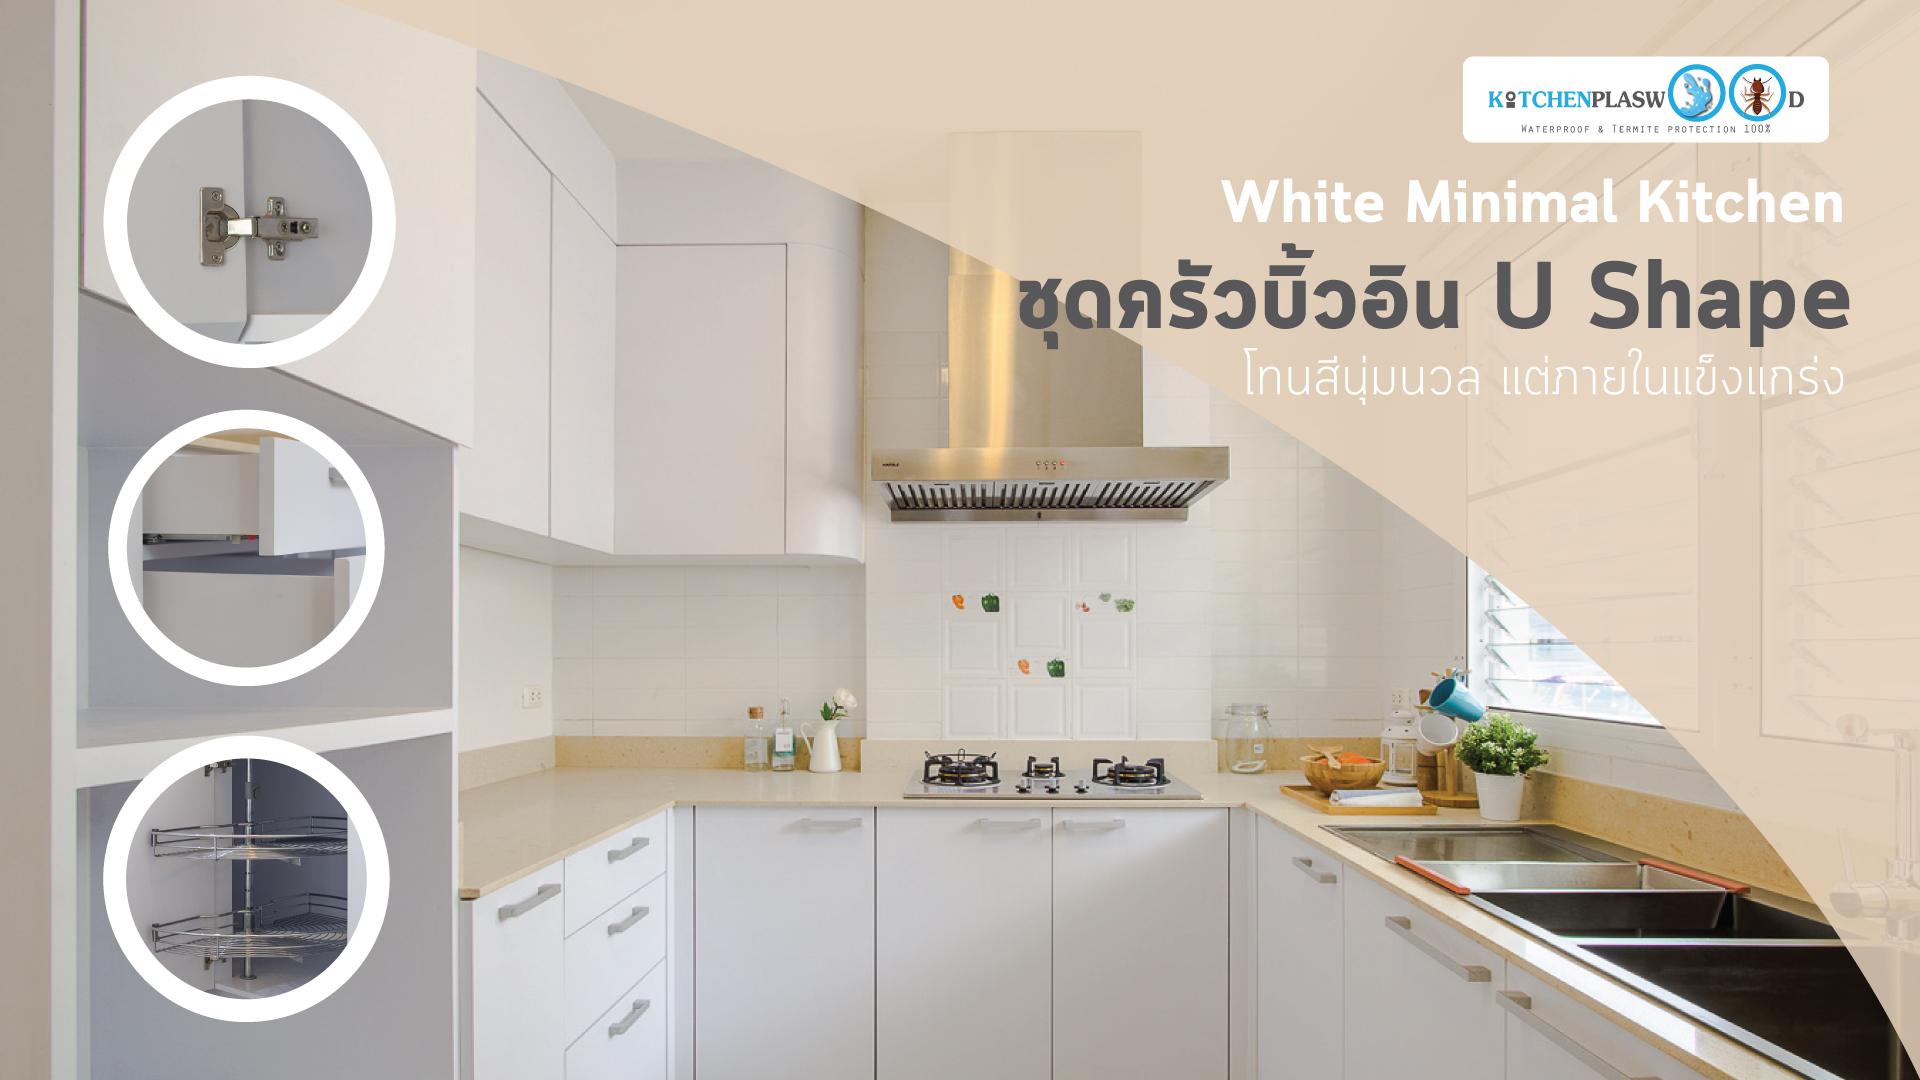 ชุดครัวบิ้วอินโทนสีขาว สไตล์มินิมอล U Shape